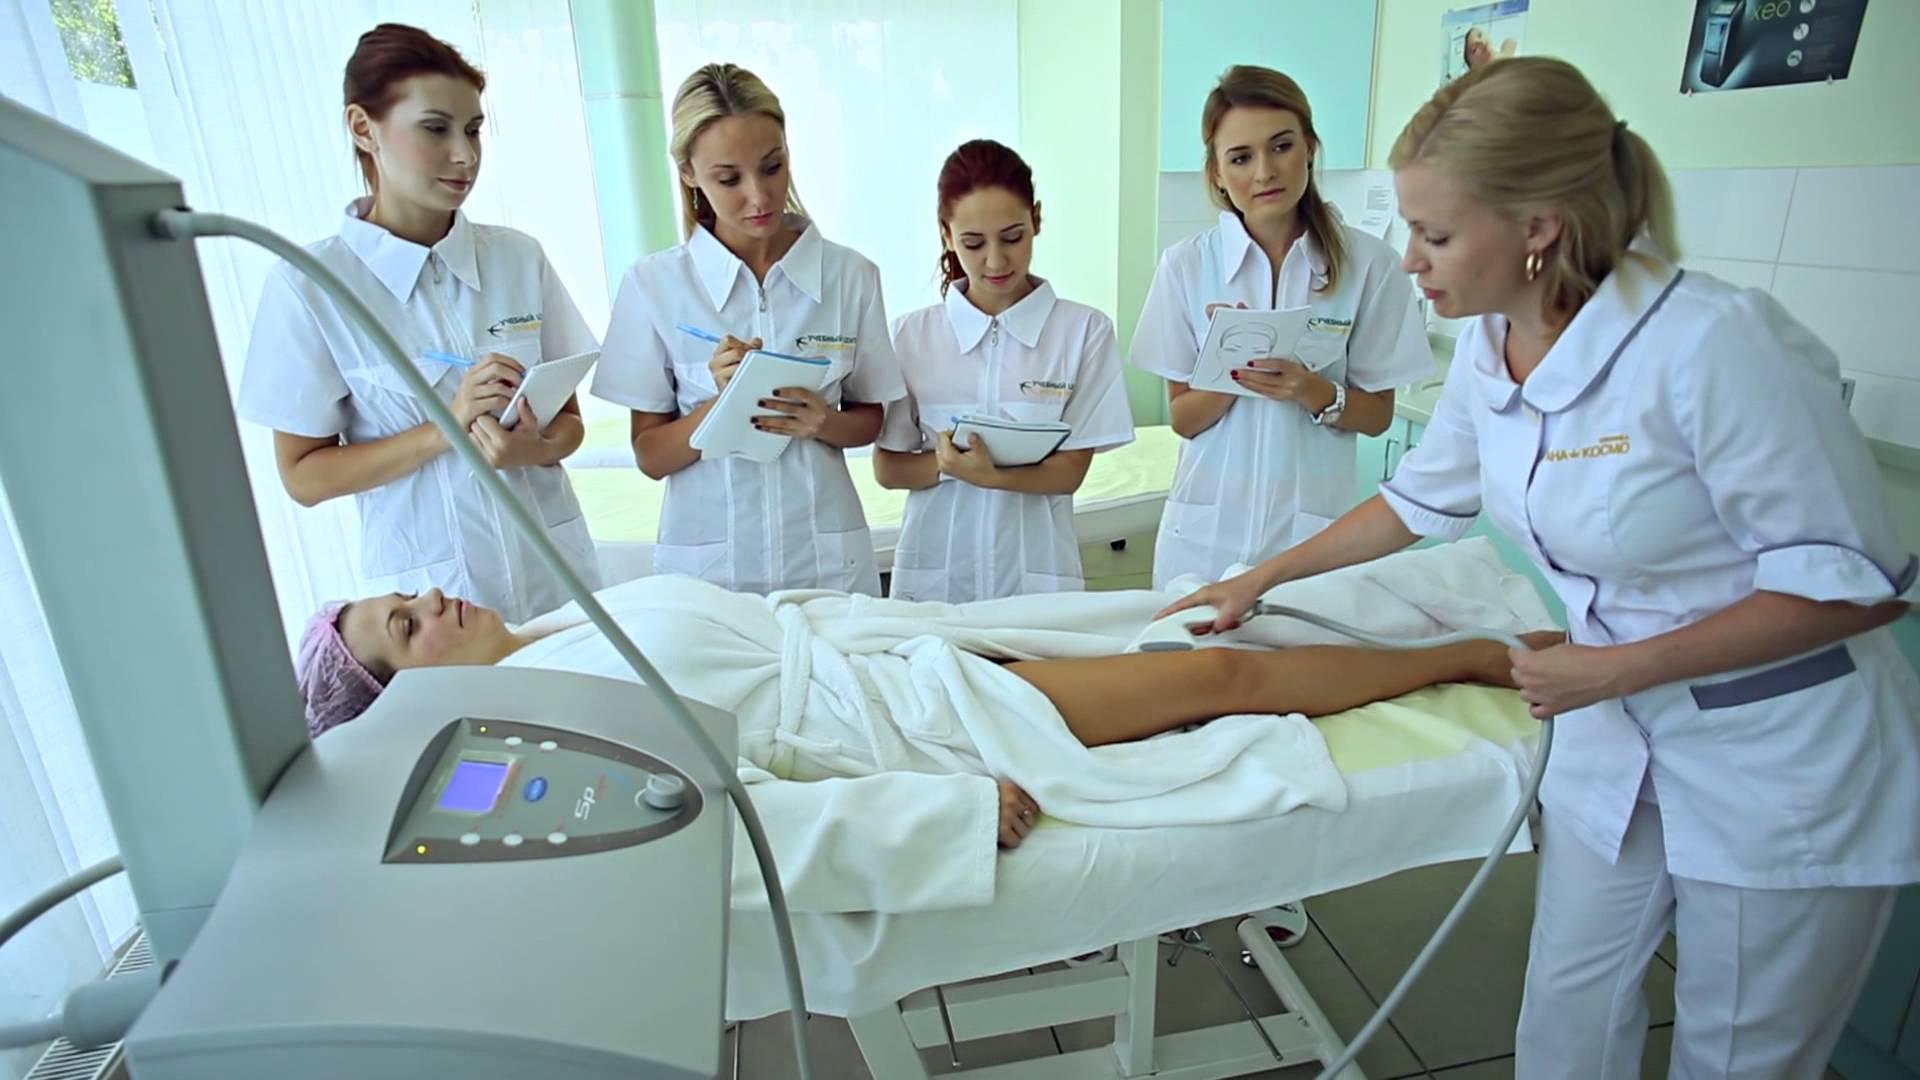 Обучающие курсы для косметологов от «Elm Tree» - интерес приносящий прибыль